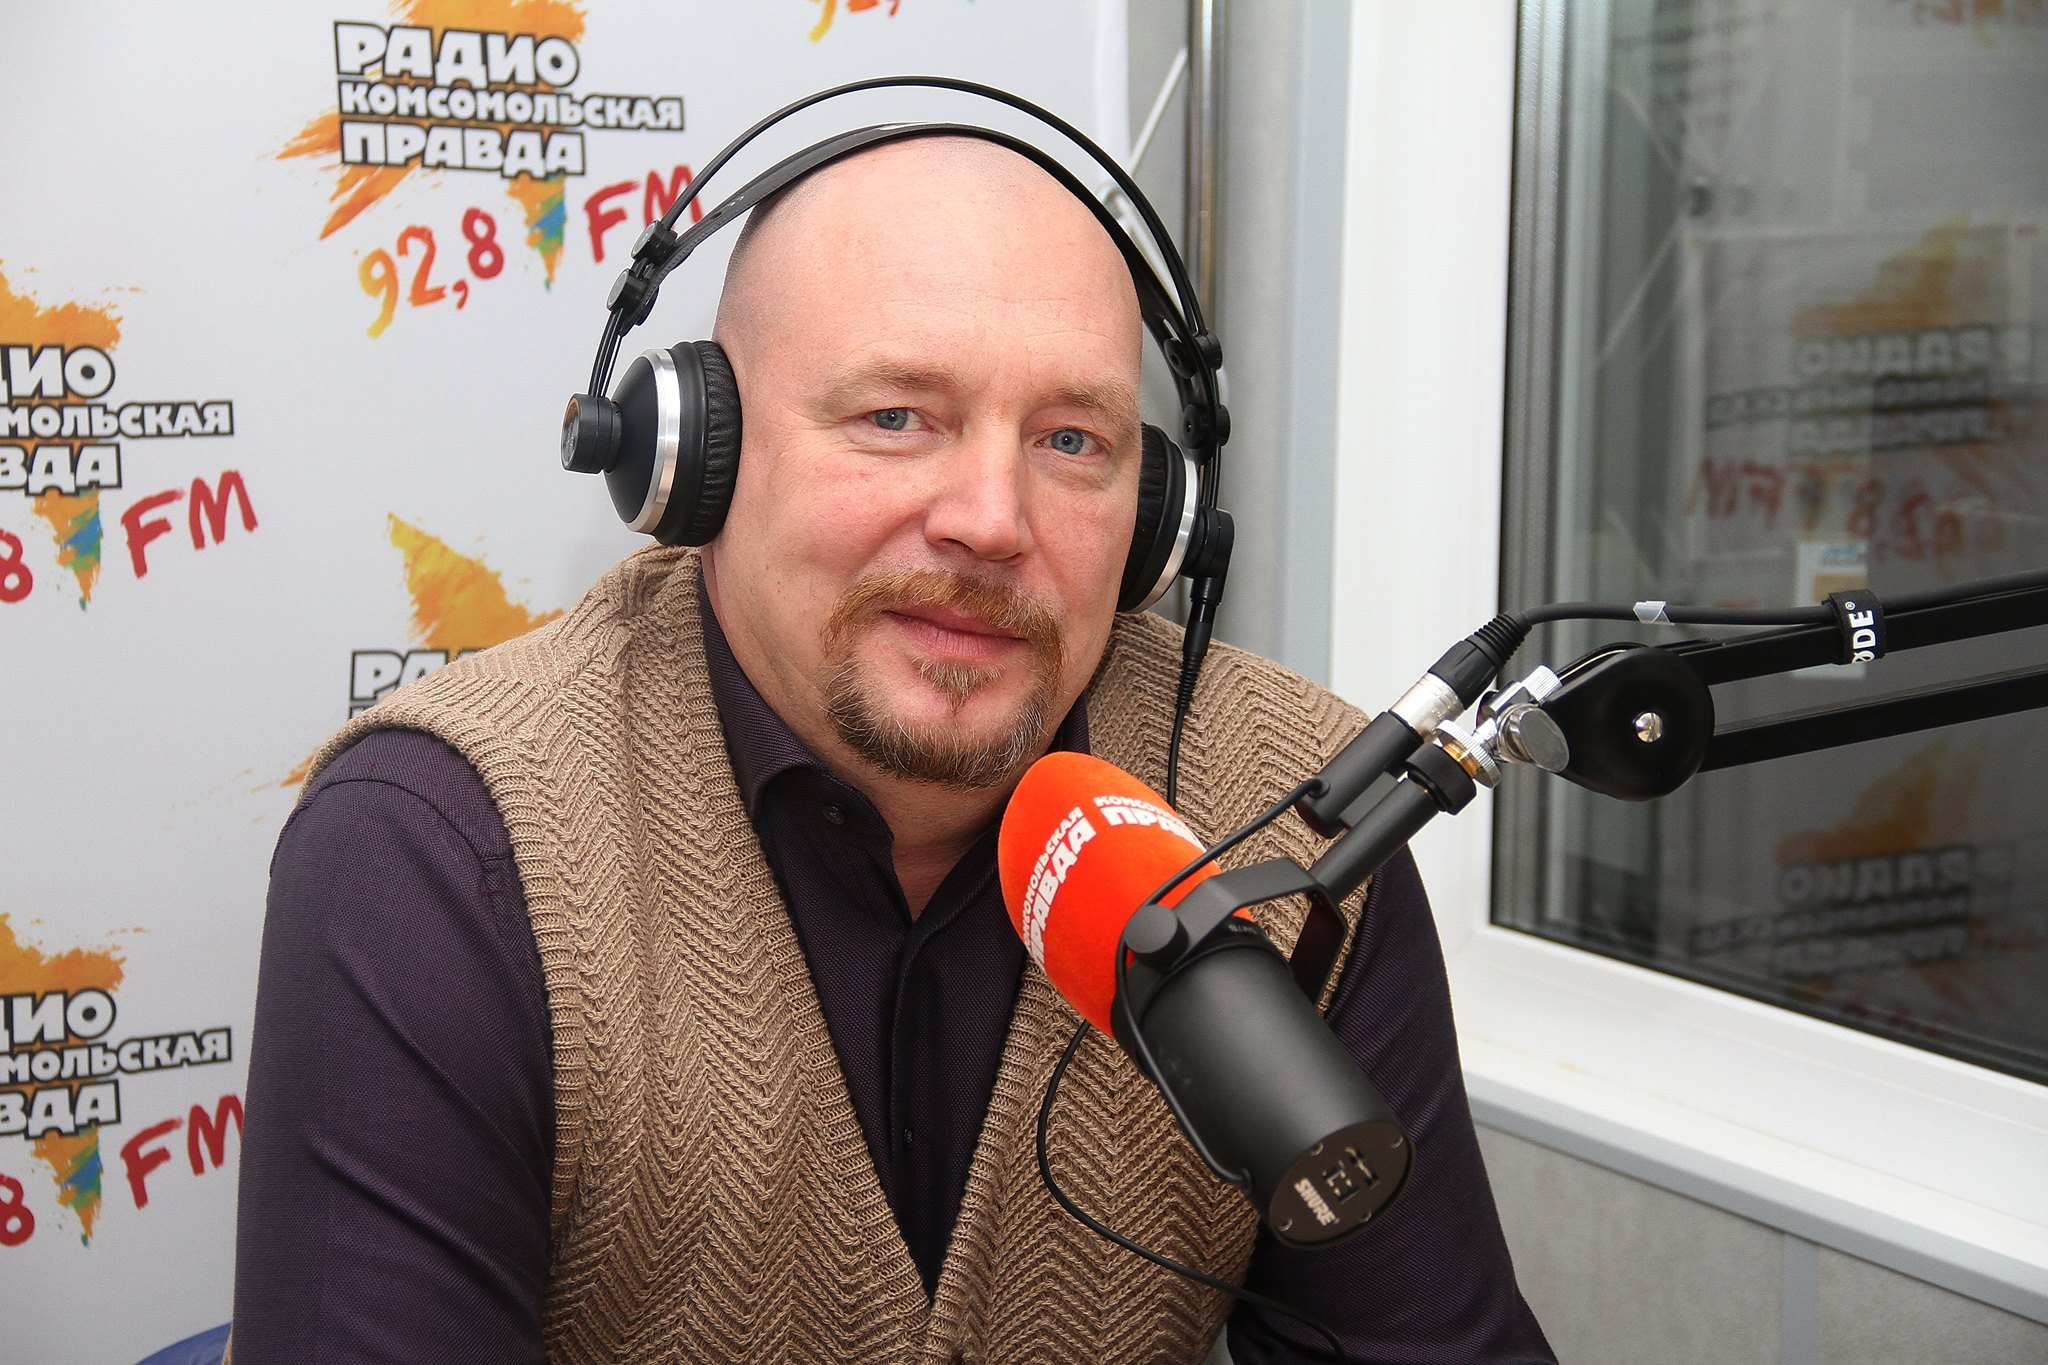 Илья Вознесенский — советник генерального директора ПАО «Газпром газораспределение Нижний Новгород»